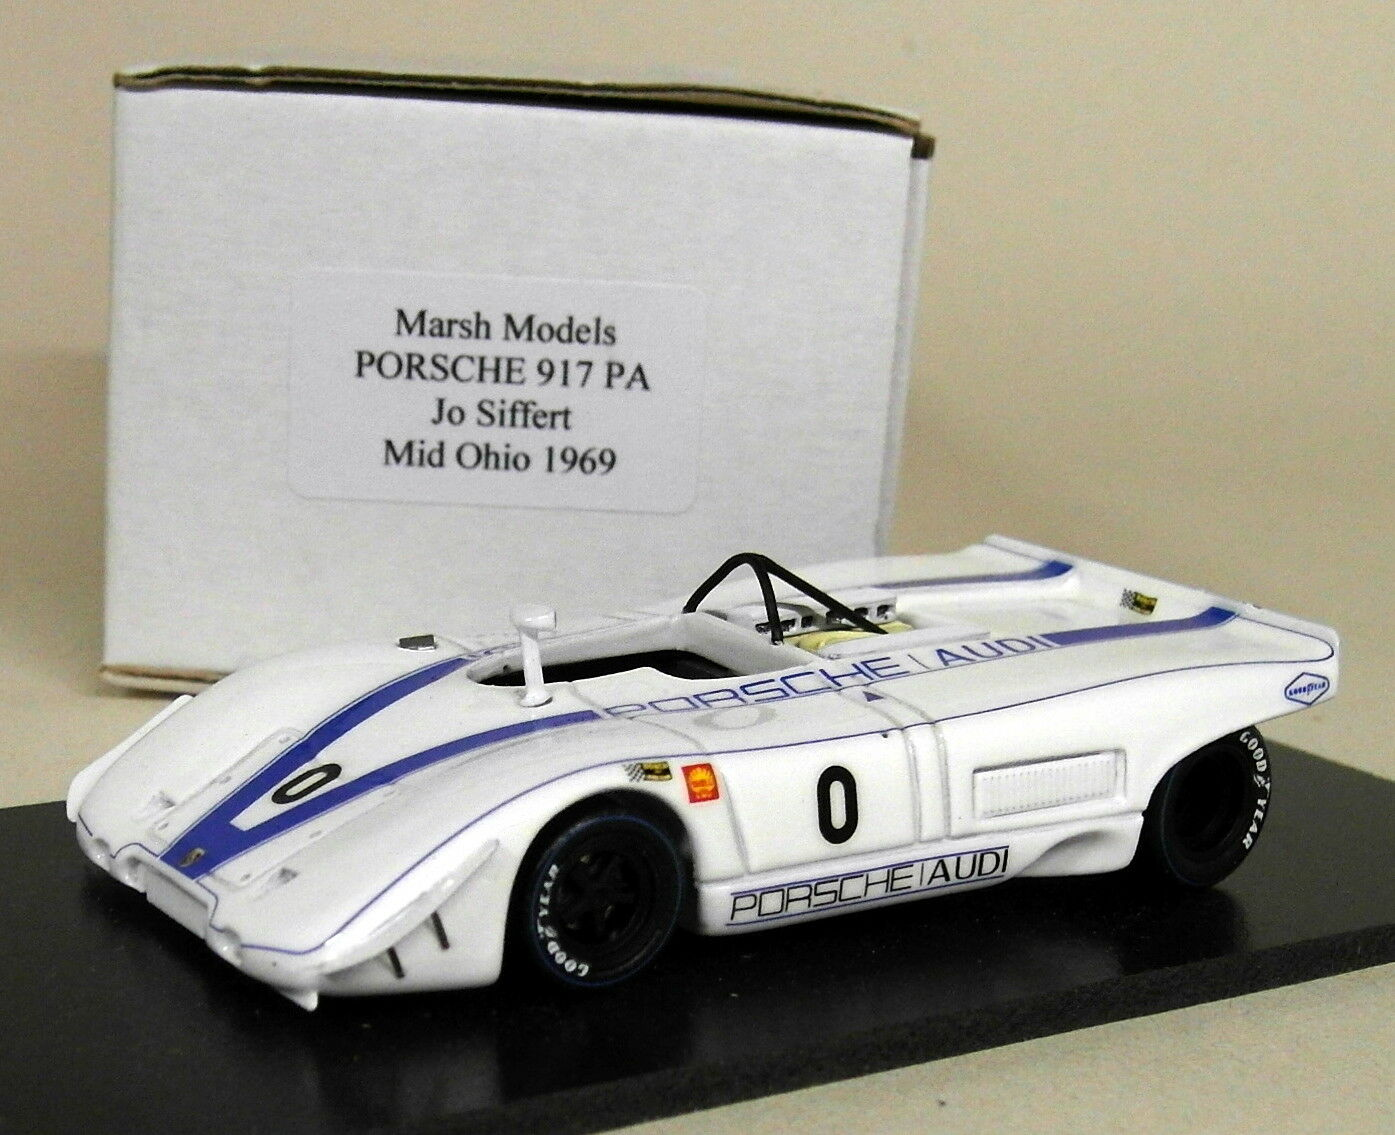 MARSH MODELS échelle 1 43 PORSCHE 917 Pa Jo Siffert Mid Ohio 1969 Résine Voiture Modèle